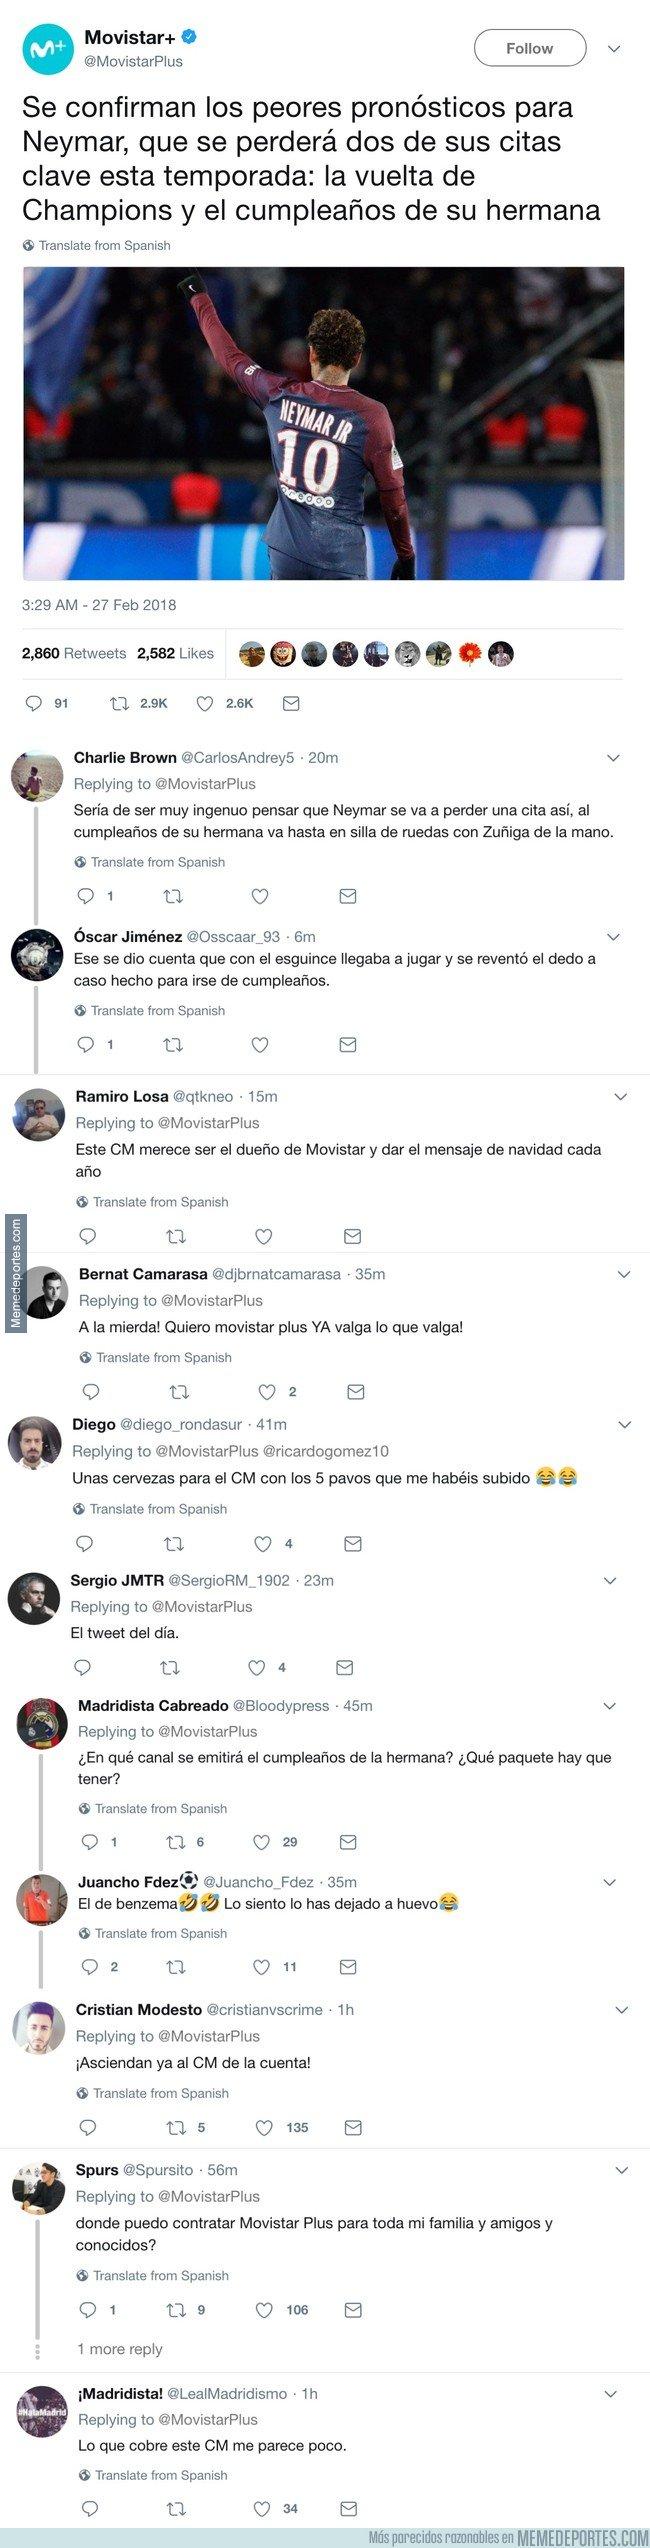 1023496 - El CM de Movistar se ensaña con Neymar y la hermana y todo Twitter se parte y le da su bendición